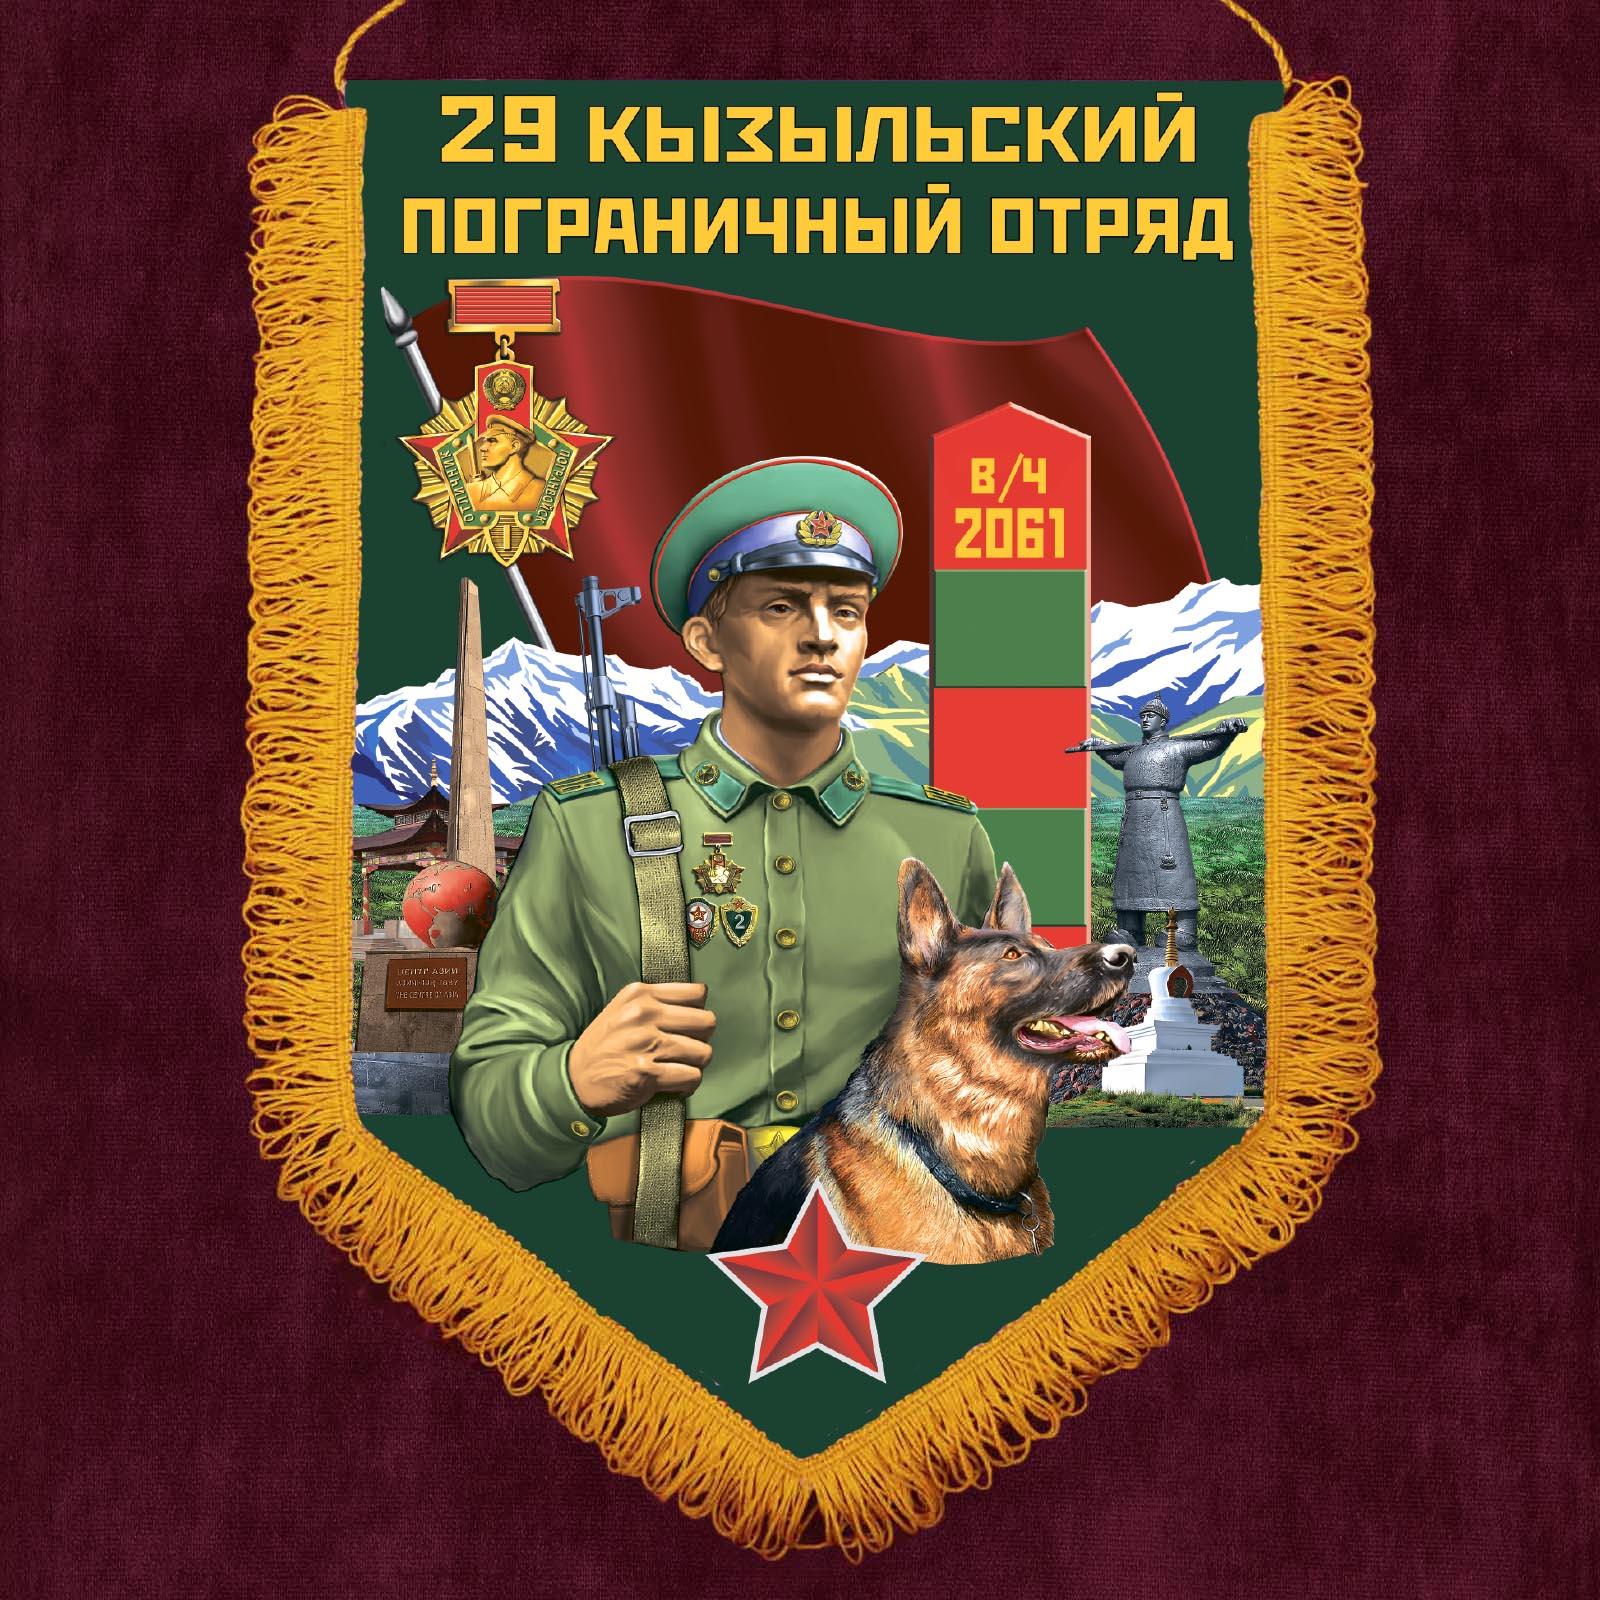 """Наградной вымпел """"29 Кызыльский пограничный отряд"""""""